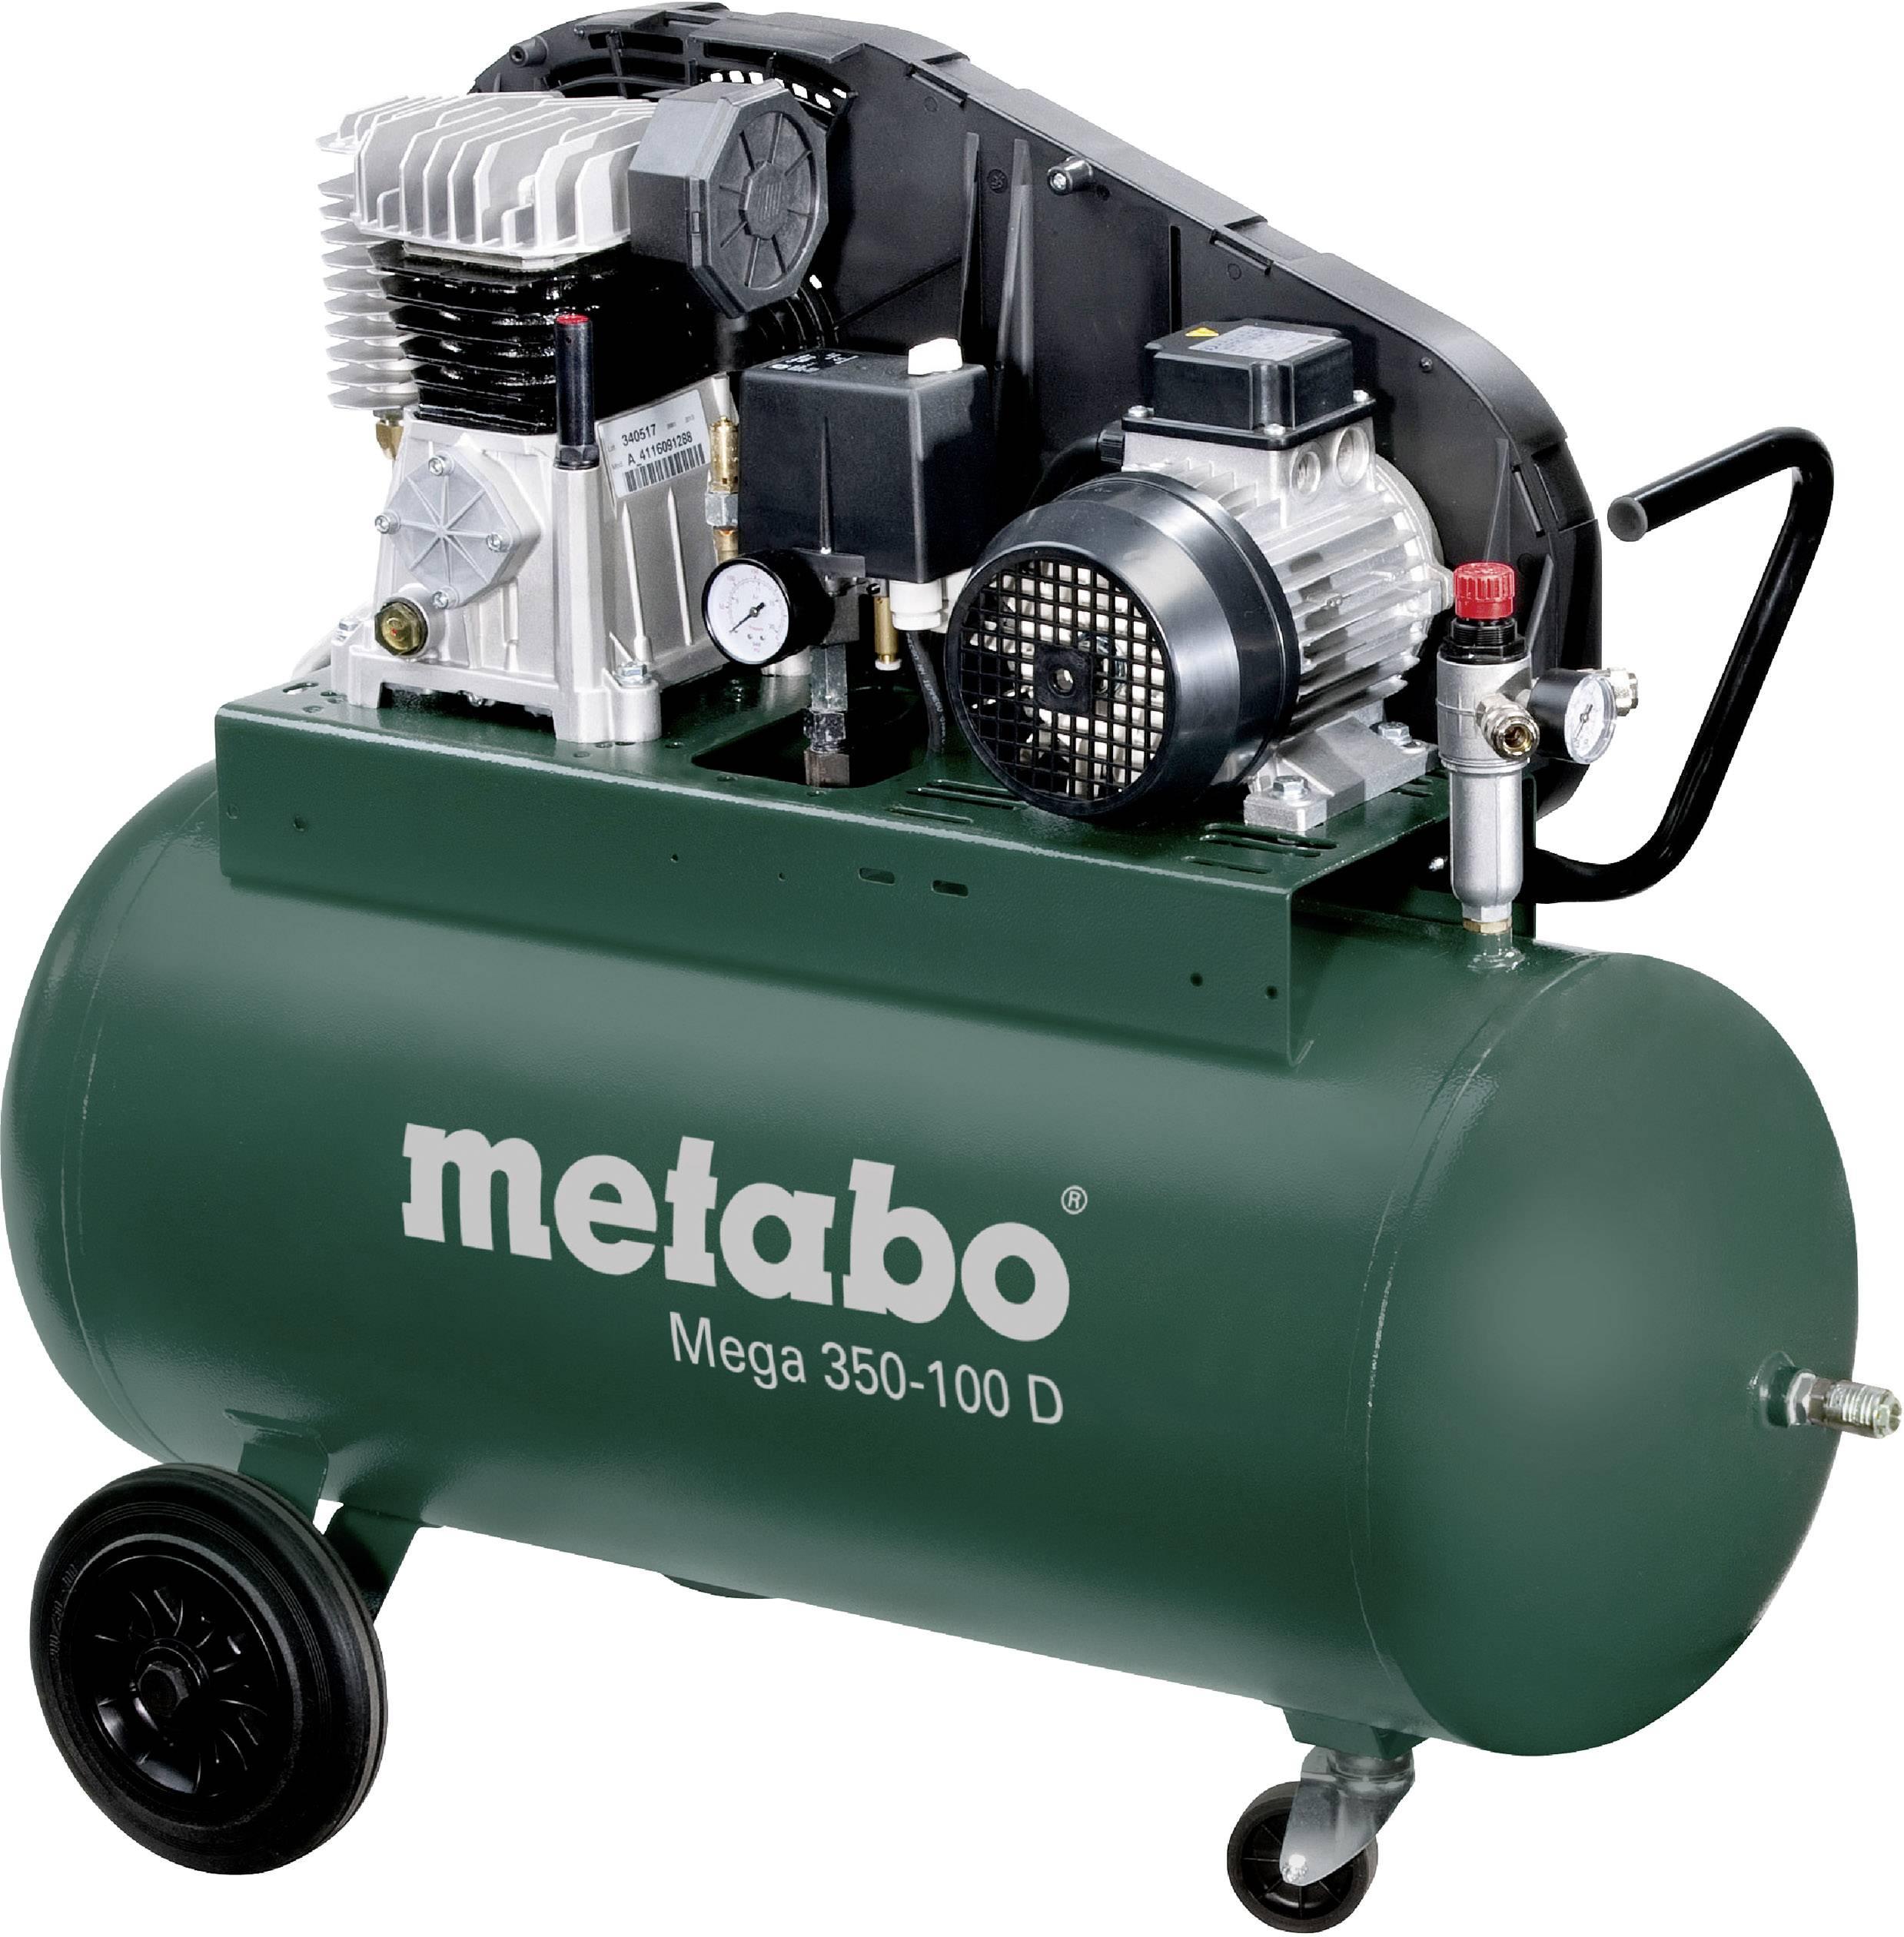 Pístový kompresor Metabo Mega 350-100 D 601539000, objem tlak. nádoby 90 l